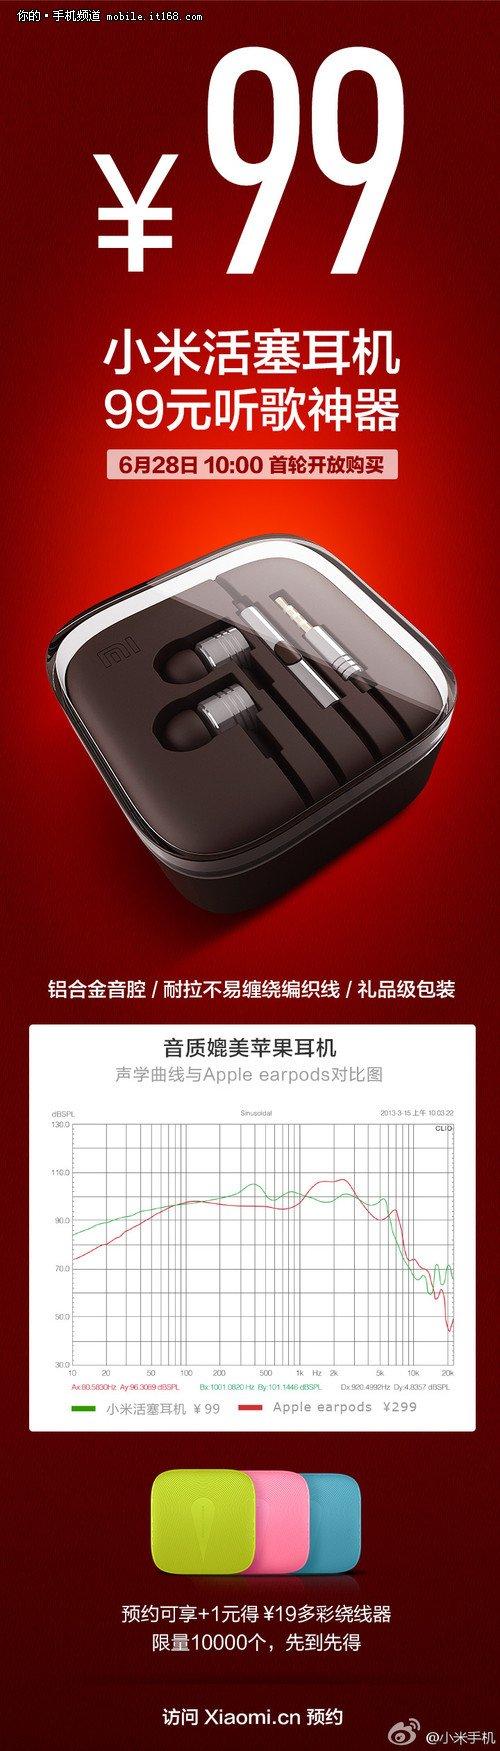 比肩苹果耳机 小米耳机售99上市